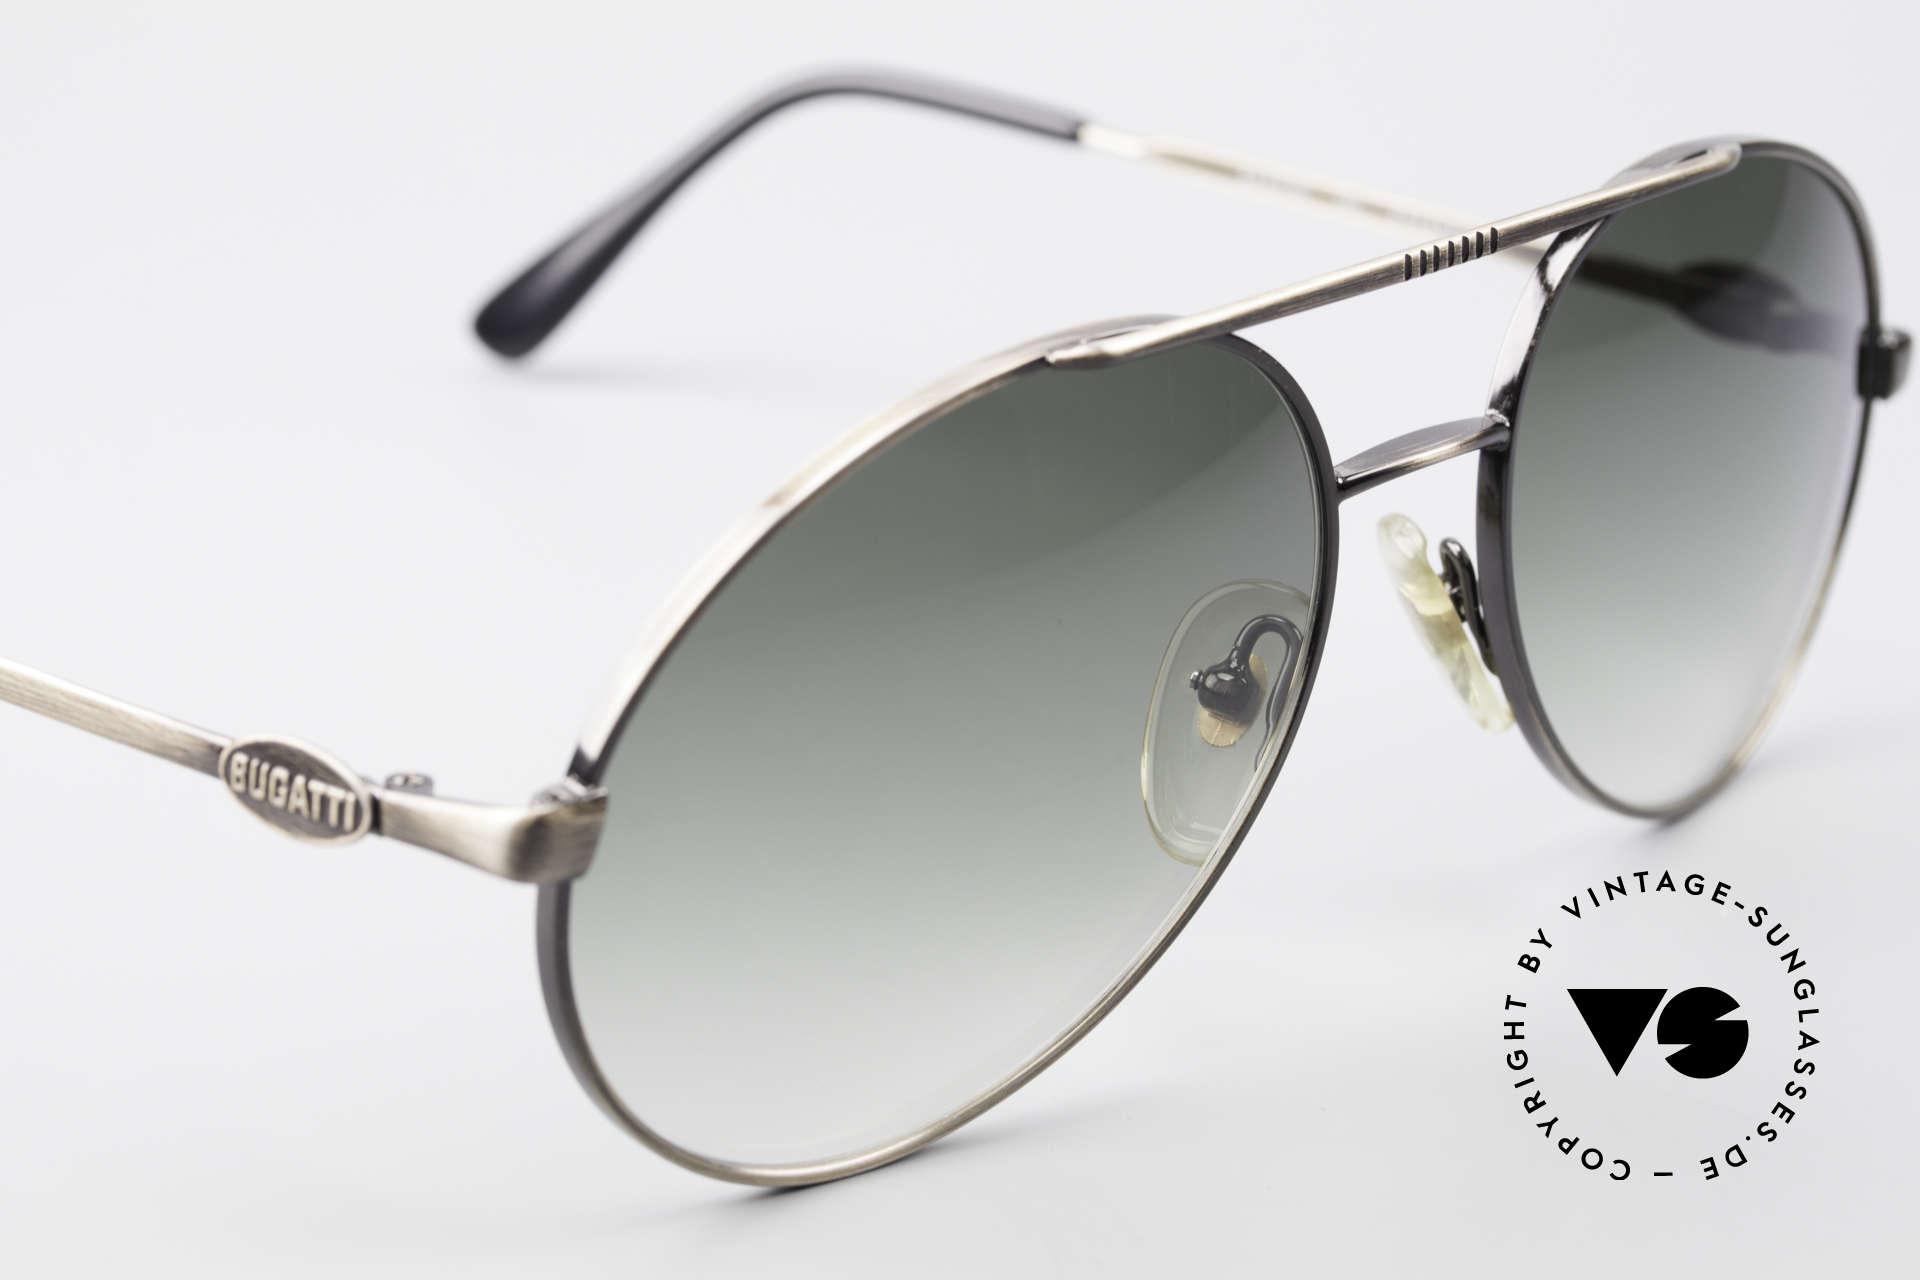 Bugatti 65282 Vintage Herrensonnenbrille, ungetragenes Einzelstück (kostbare vintage Rarität!), Passend für Herren